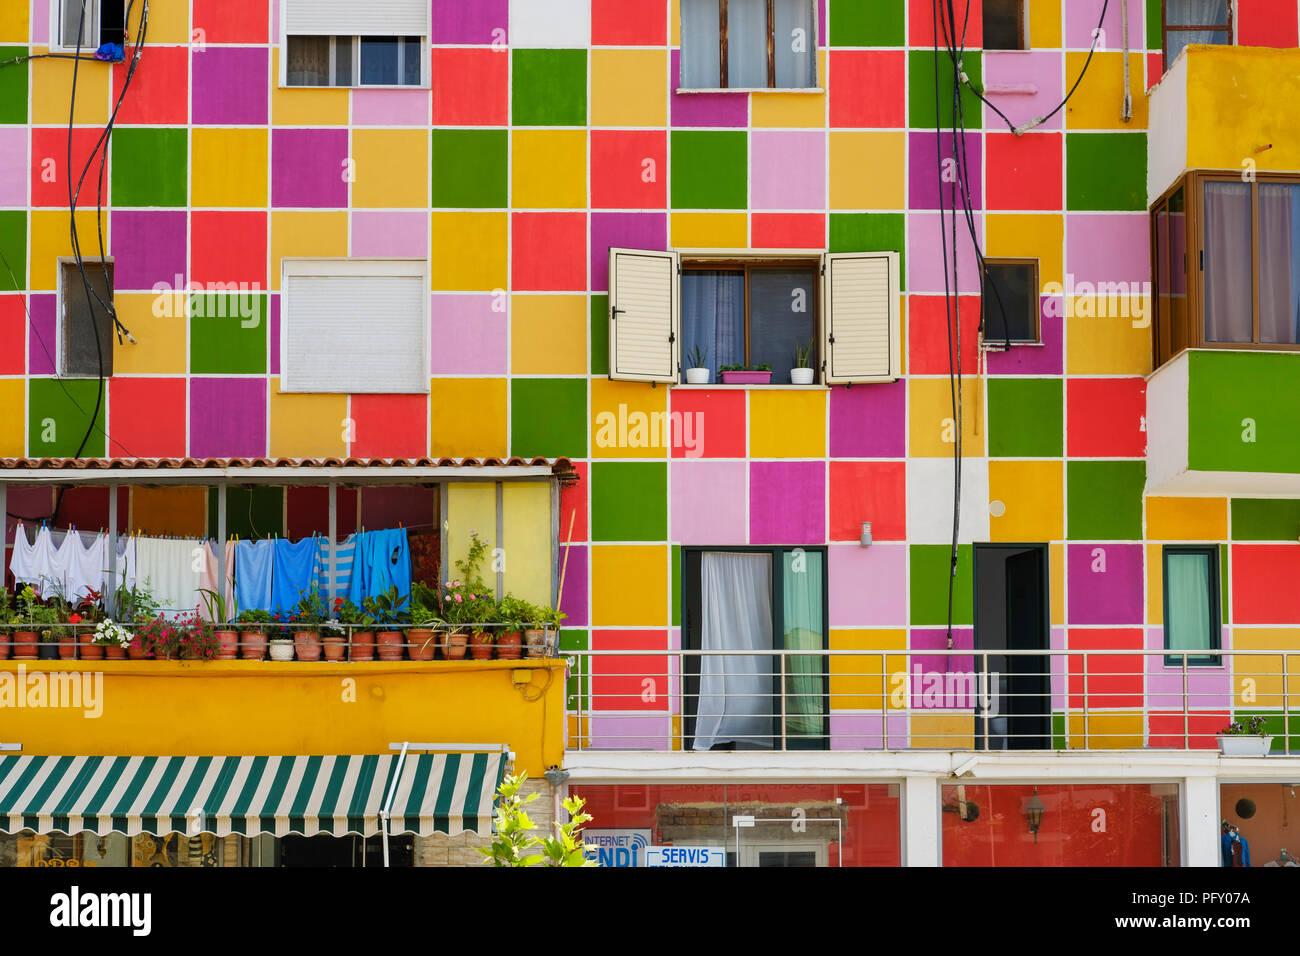 Façade de maison coloré, Divjaka, Divjakë, fier de l'EAQ, Albanie Photo Stock